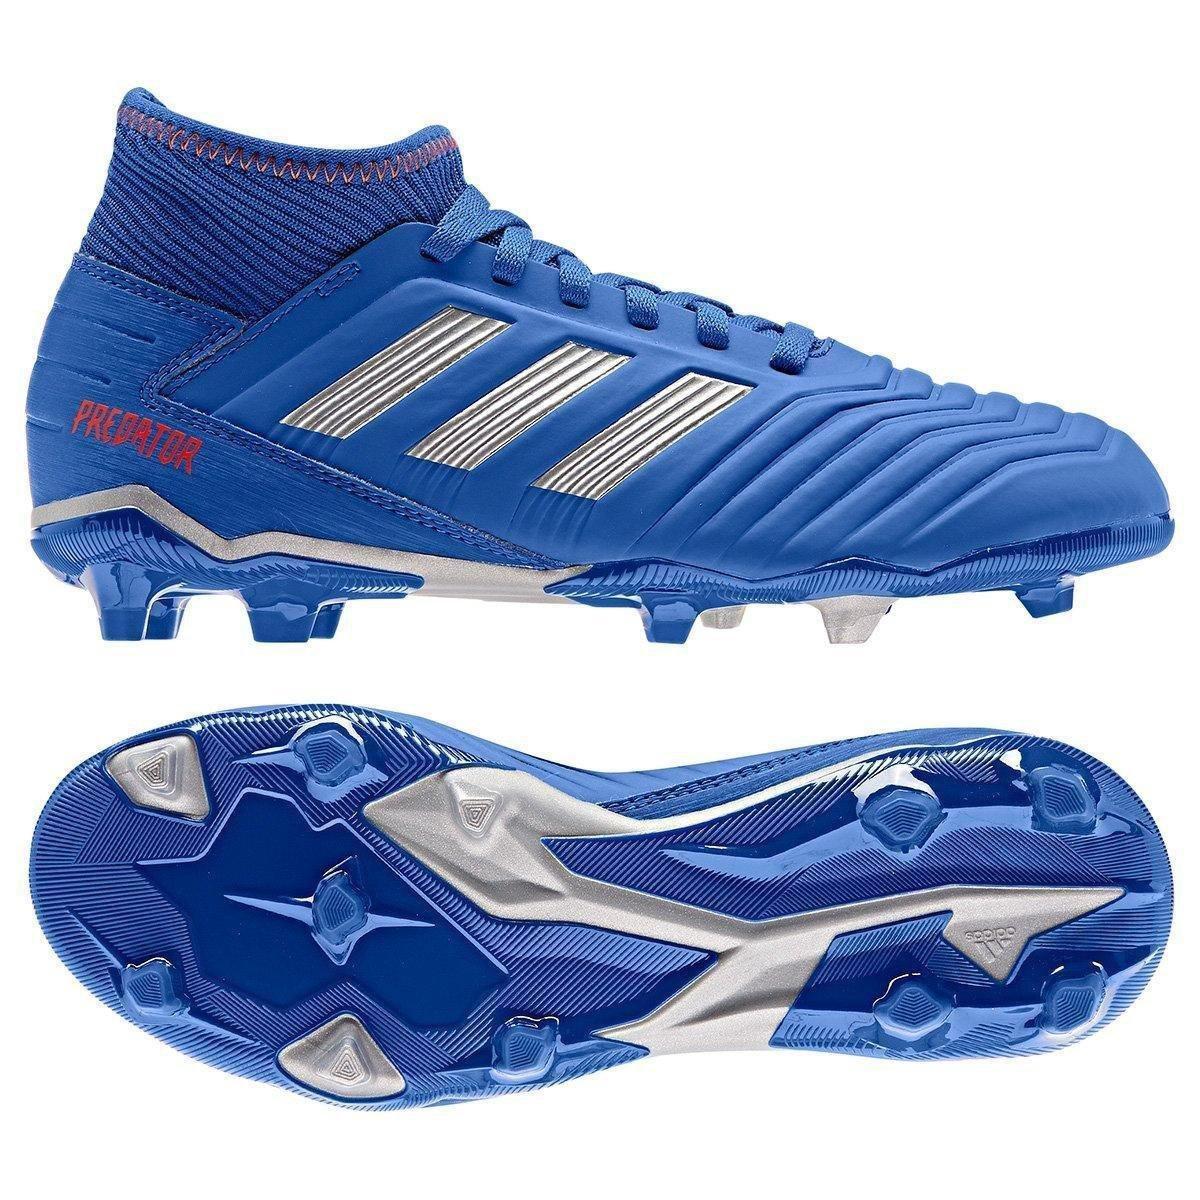 382e840a8e Chuteira Campo Infantil Adidas Predator 19 3 FG - Azul e Prata | Allianz  Parque Shop